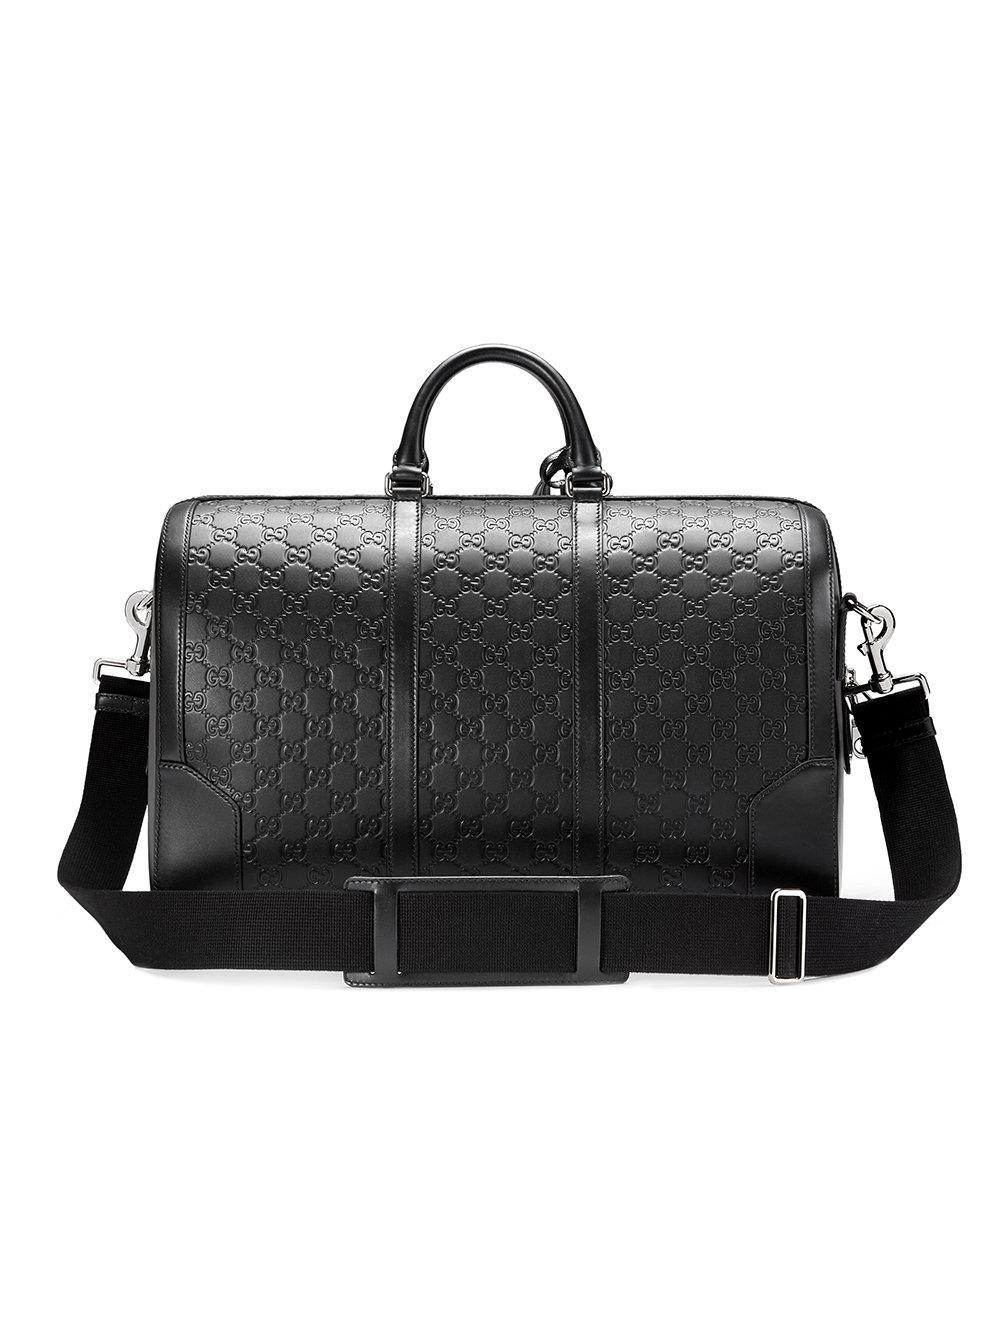 7ab1563e2f32 Gucci - Black Borsa Da Viaggio In Pelle Signature for Men - Lyst. View  fullscreen